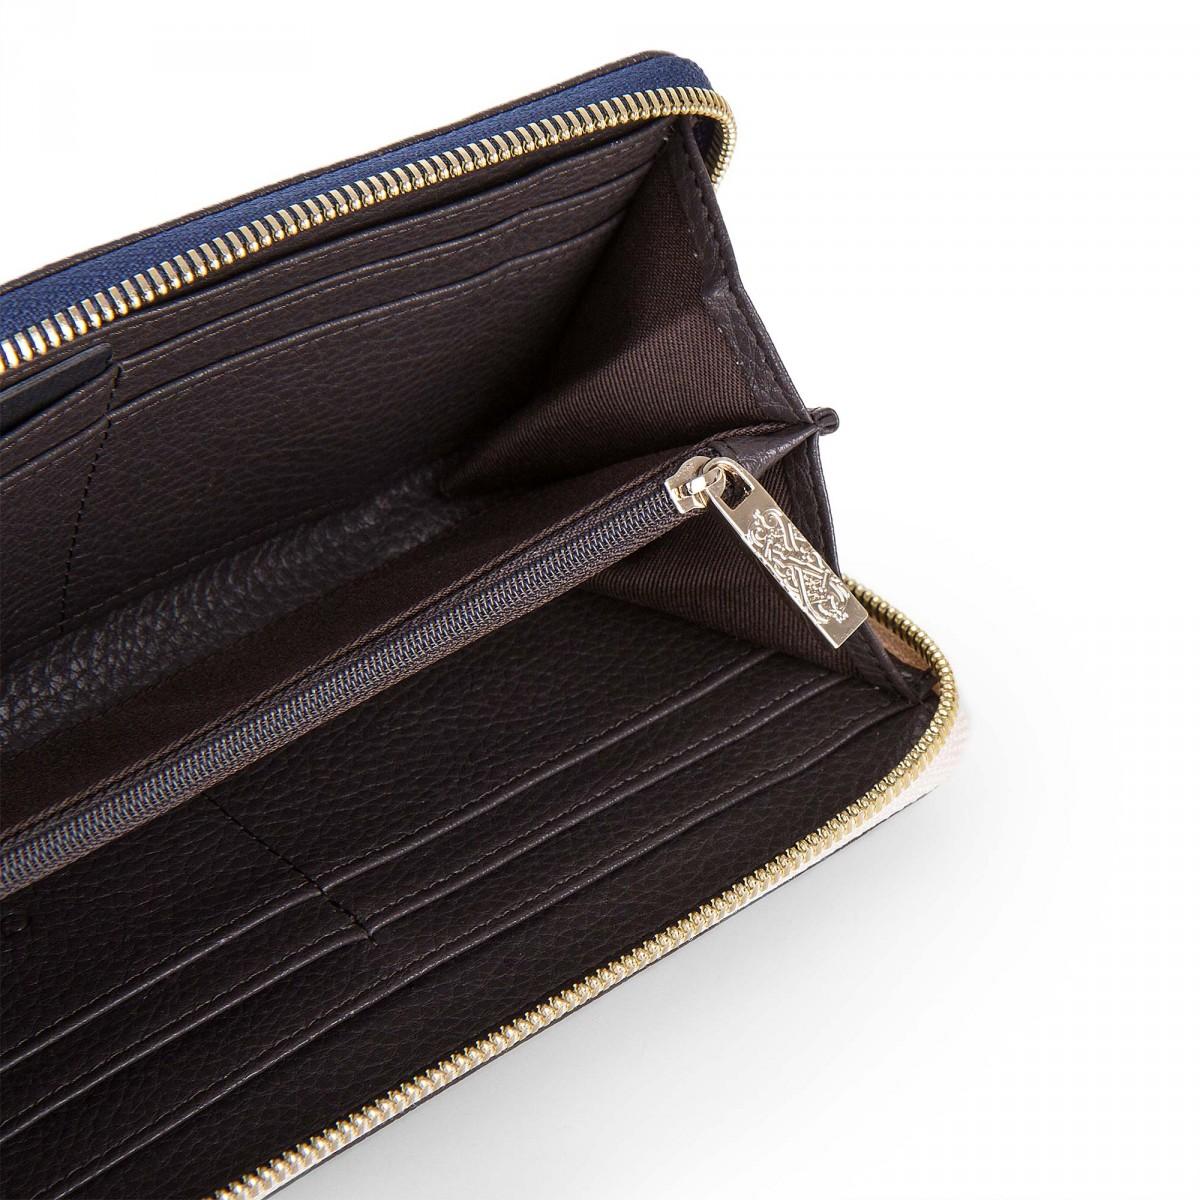 portefeuille simili cuir marron et bleu femme christian lacroix. Black Bedroom Furniture Sets. Home Design Ideas